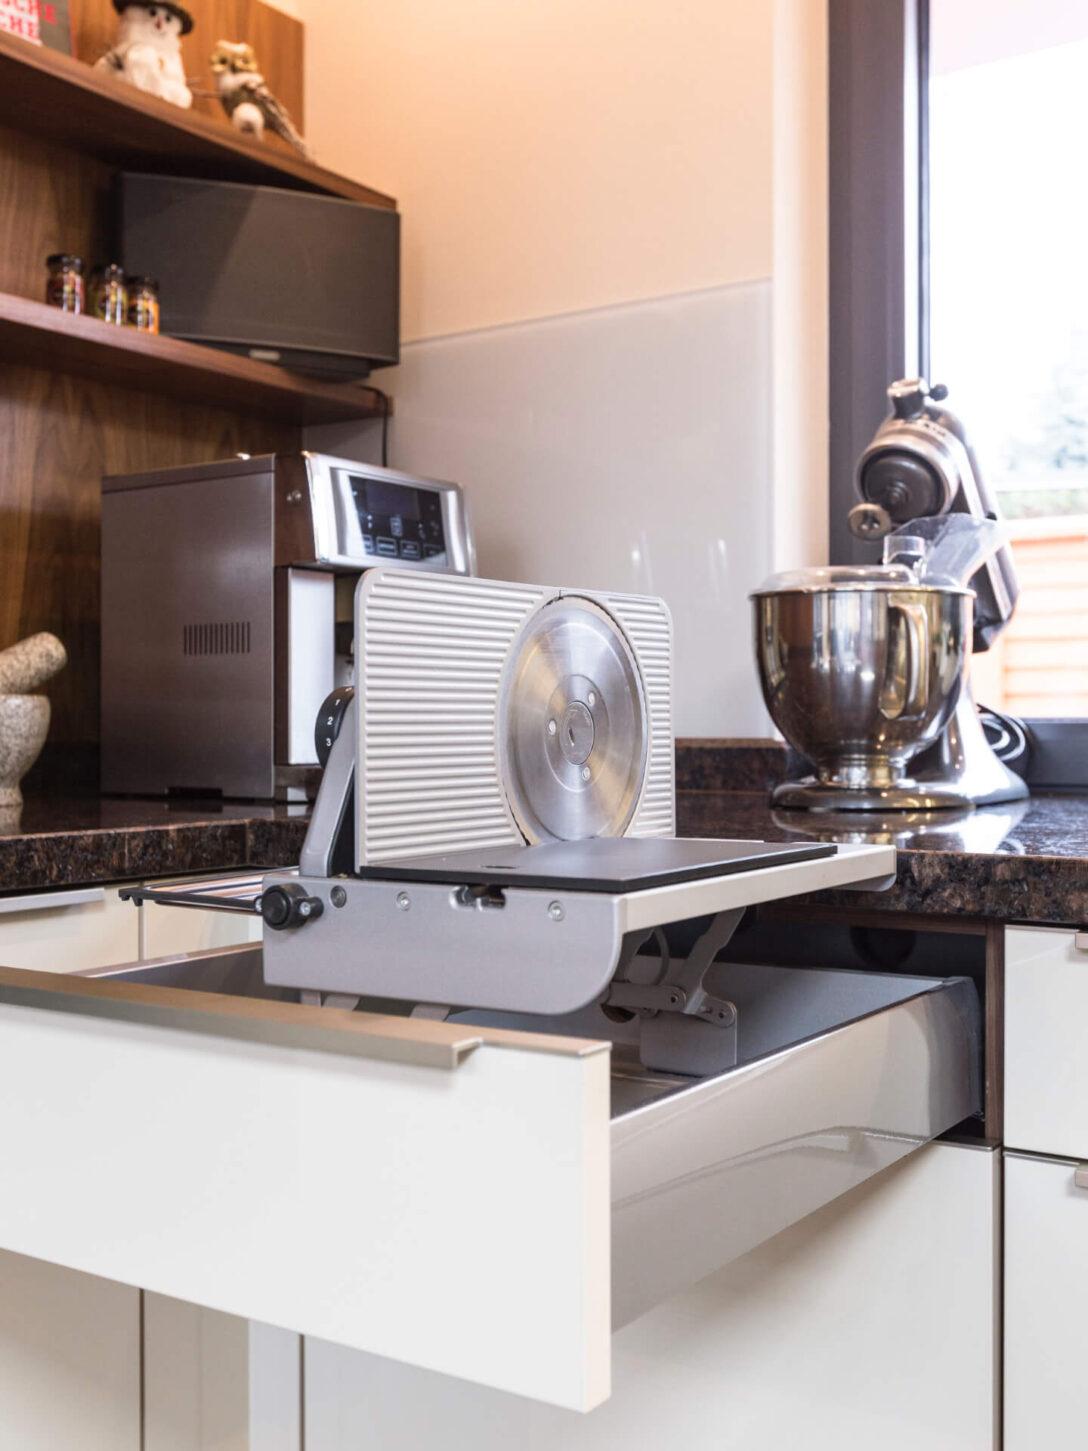 Large Size of Rondell Küche Kuche Einstellen Caseconradcom Unterschrank Hängeschrank Höhe Billig Kaufen Ikea Singleküche Mit E Geräten Glastüren Stehhilfe Pendeltür Wohnzimmer Rondell Küche